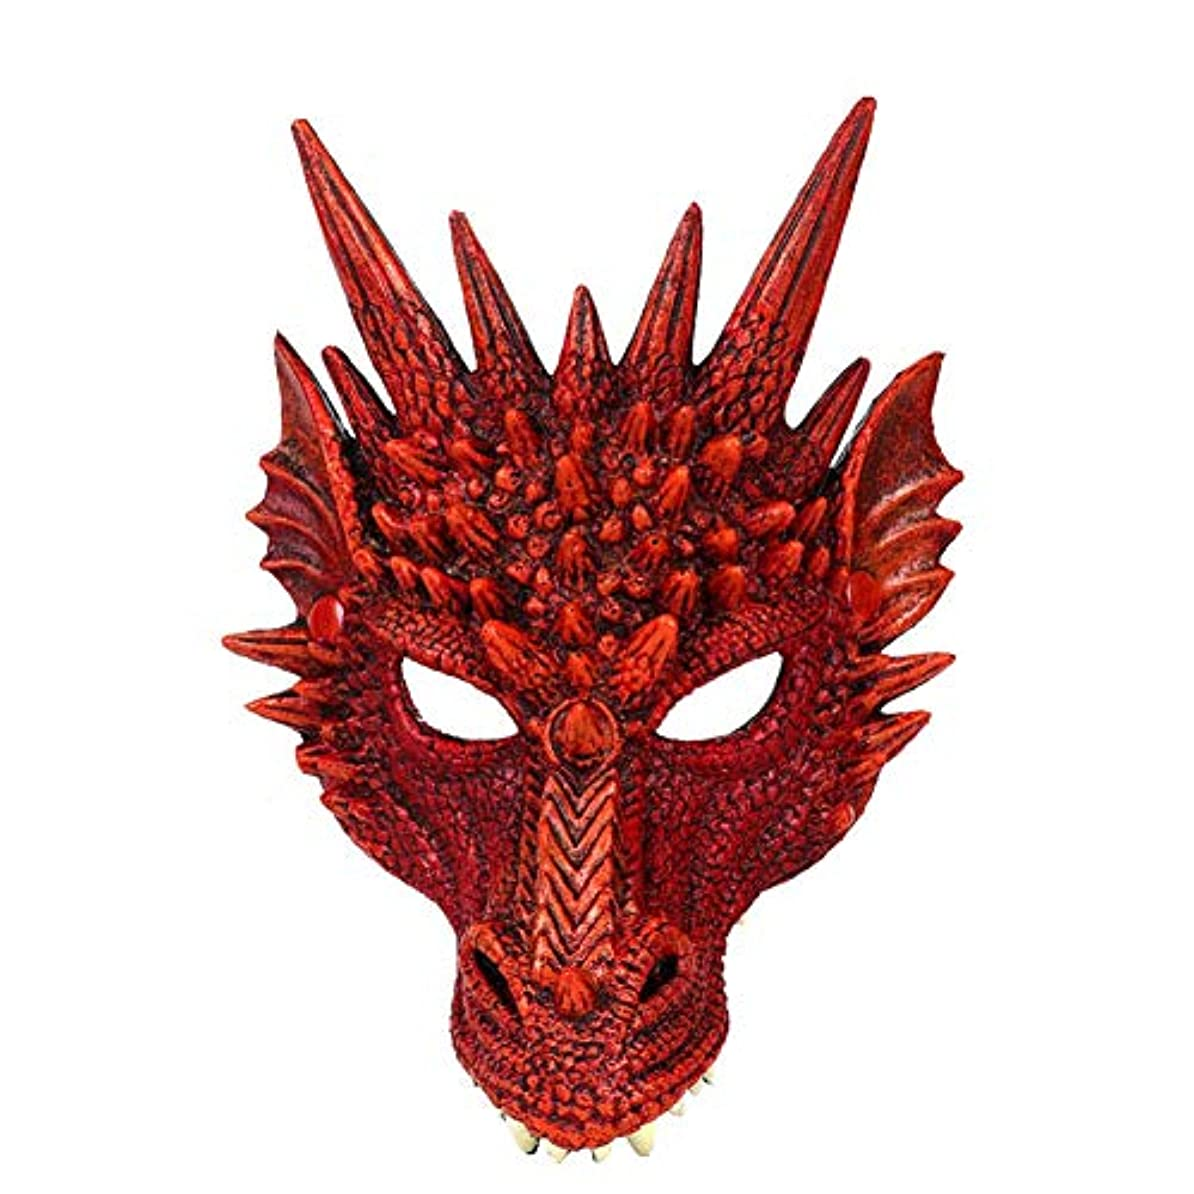 悪因子感染する株式会社Esolom 4Dドラゴンマスク ハーフマスク 10代の子供のためのハロウィンコスチューム パーティーの装飾 テーマパーティー用品 ドラゴンコスプレ小道具